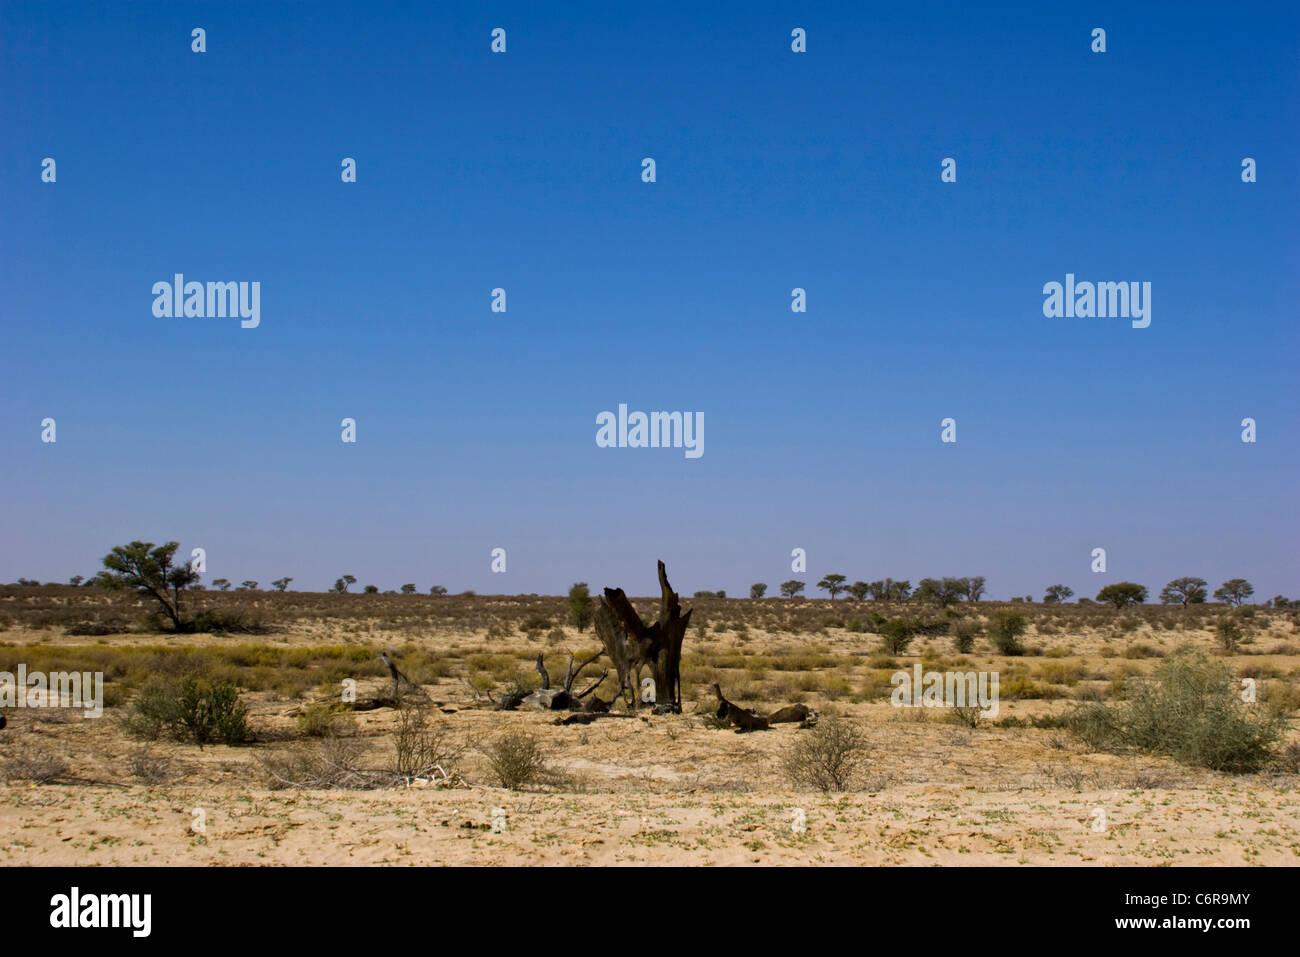 Semi-desert landscape - Stock Image